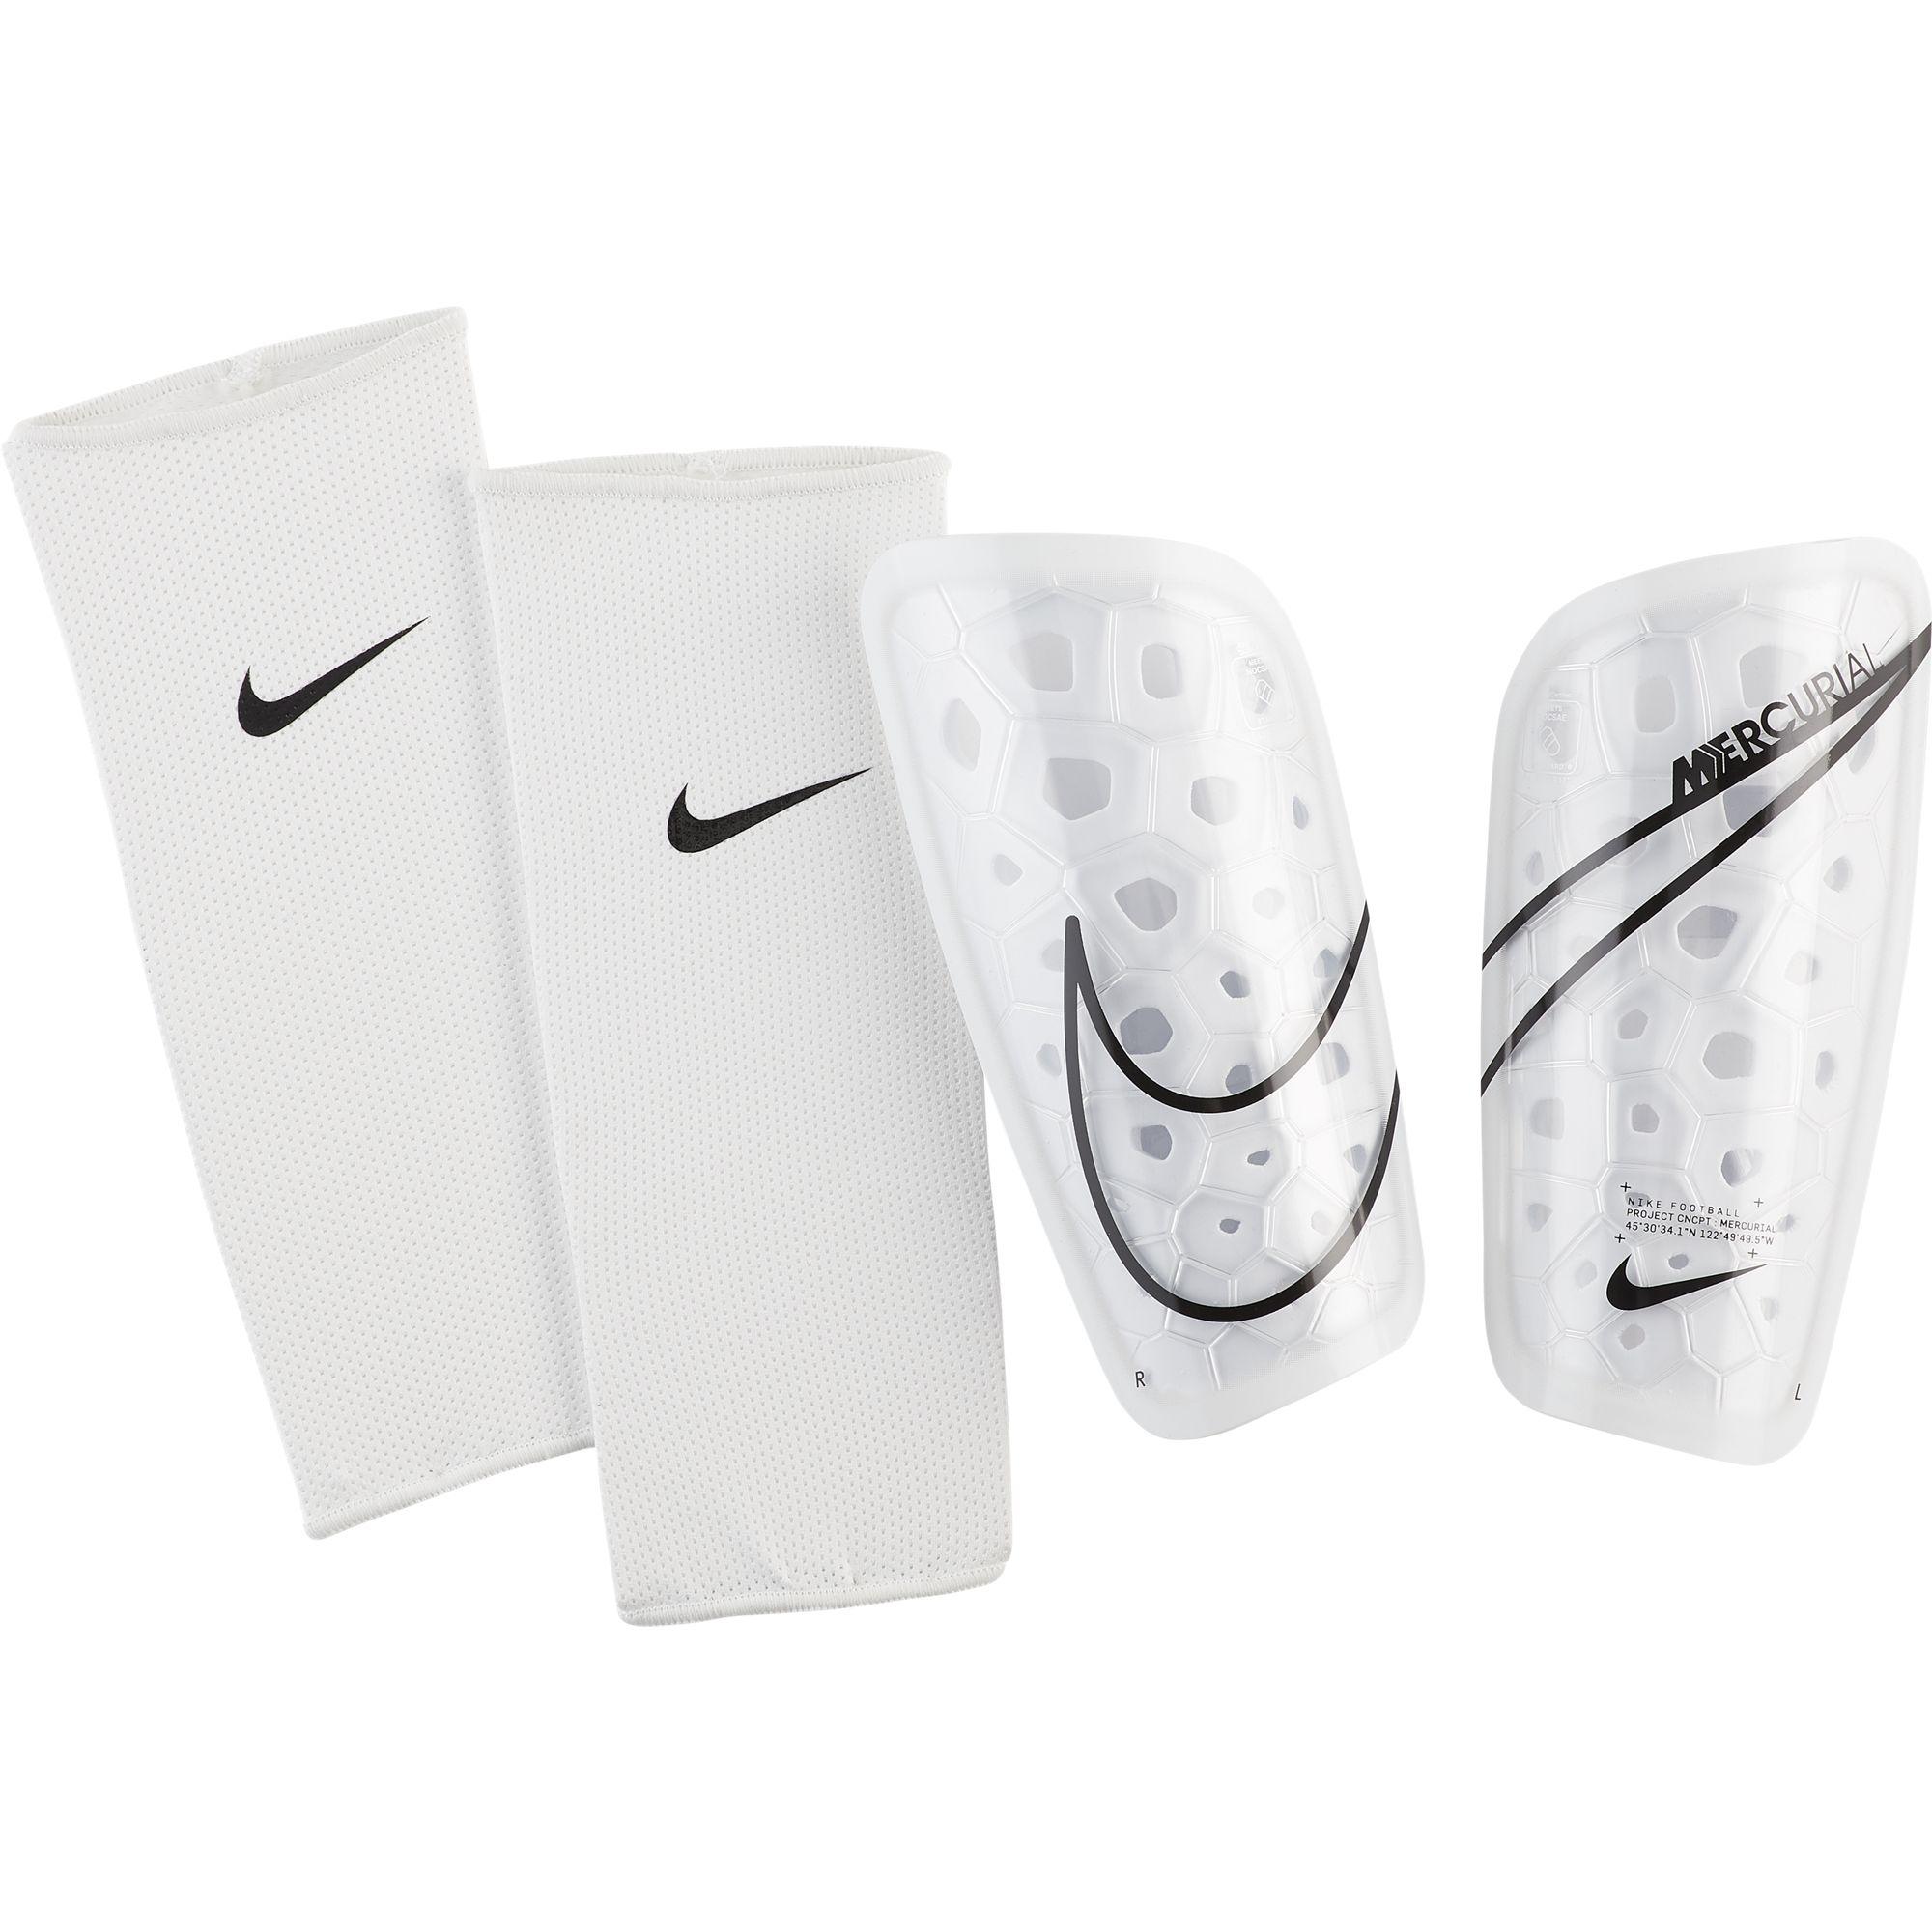 Ochraniacze piłkarskie Nike Merc LT GRD S biało czarne SP2120 104